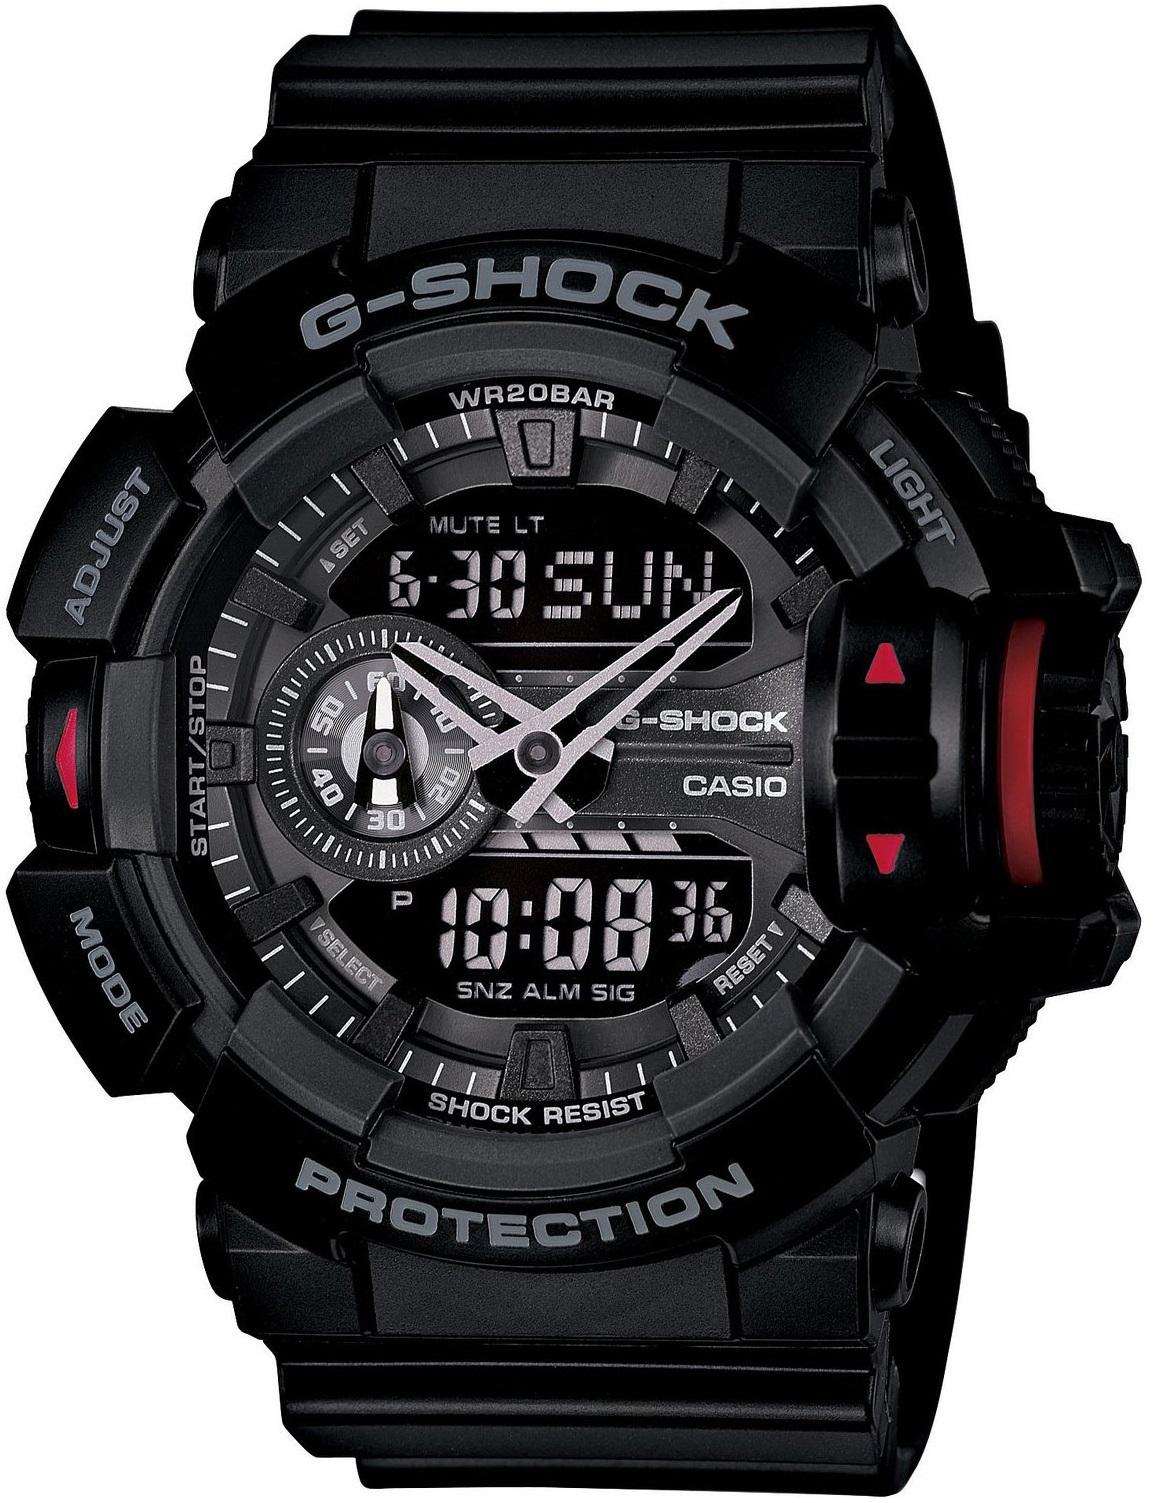 Оригинальные часы Casio G-Shock GA-400-1BER